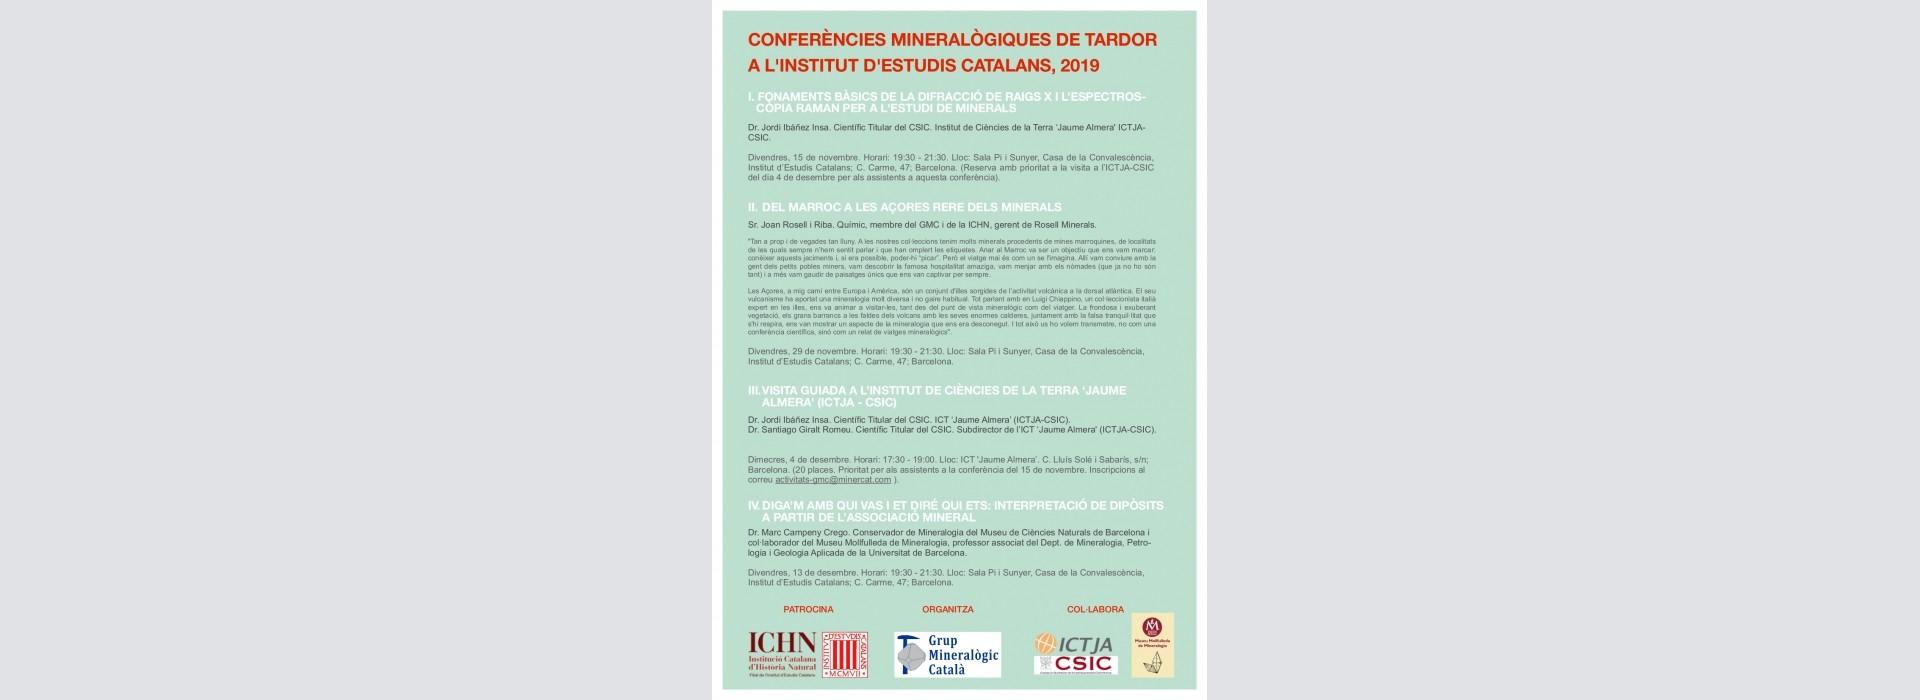 Conferència: Fonaments bàsics de la difracció de raigs X i l'espectroscòpia Raman per a l'estudi de minerals